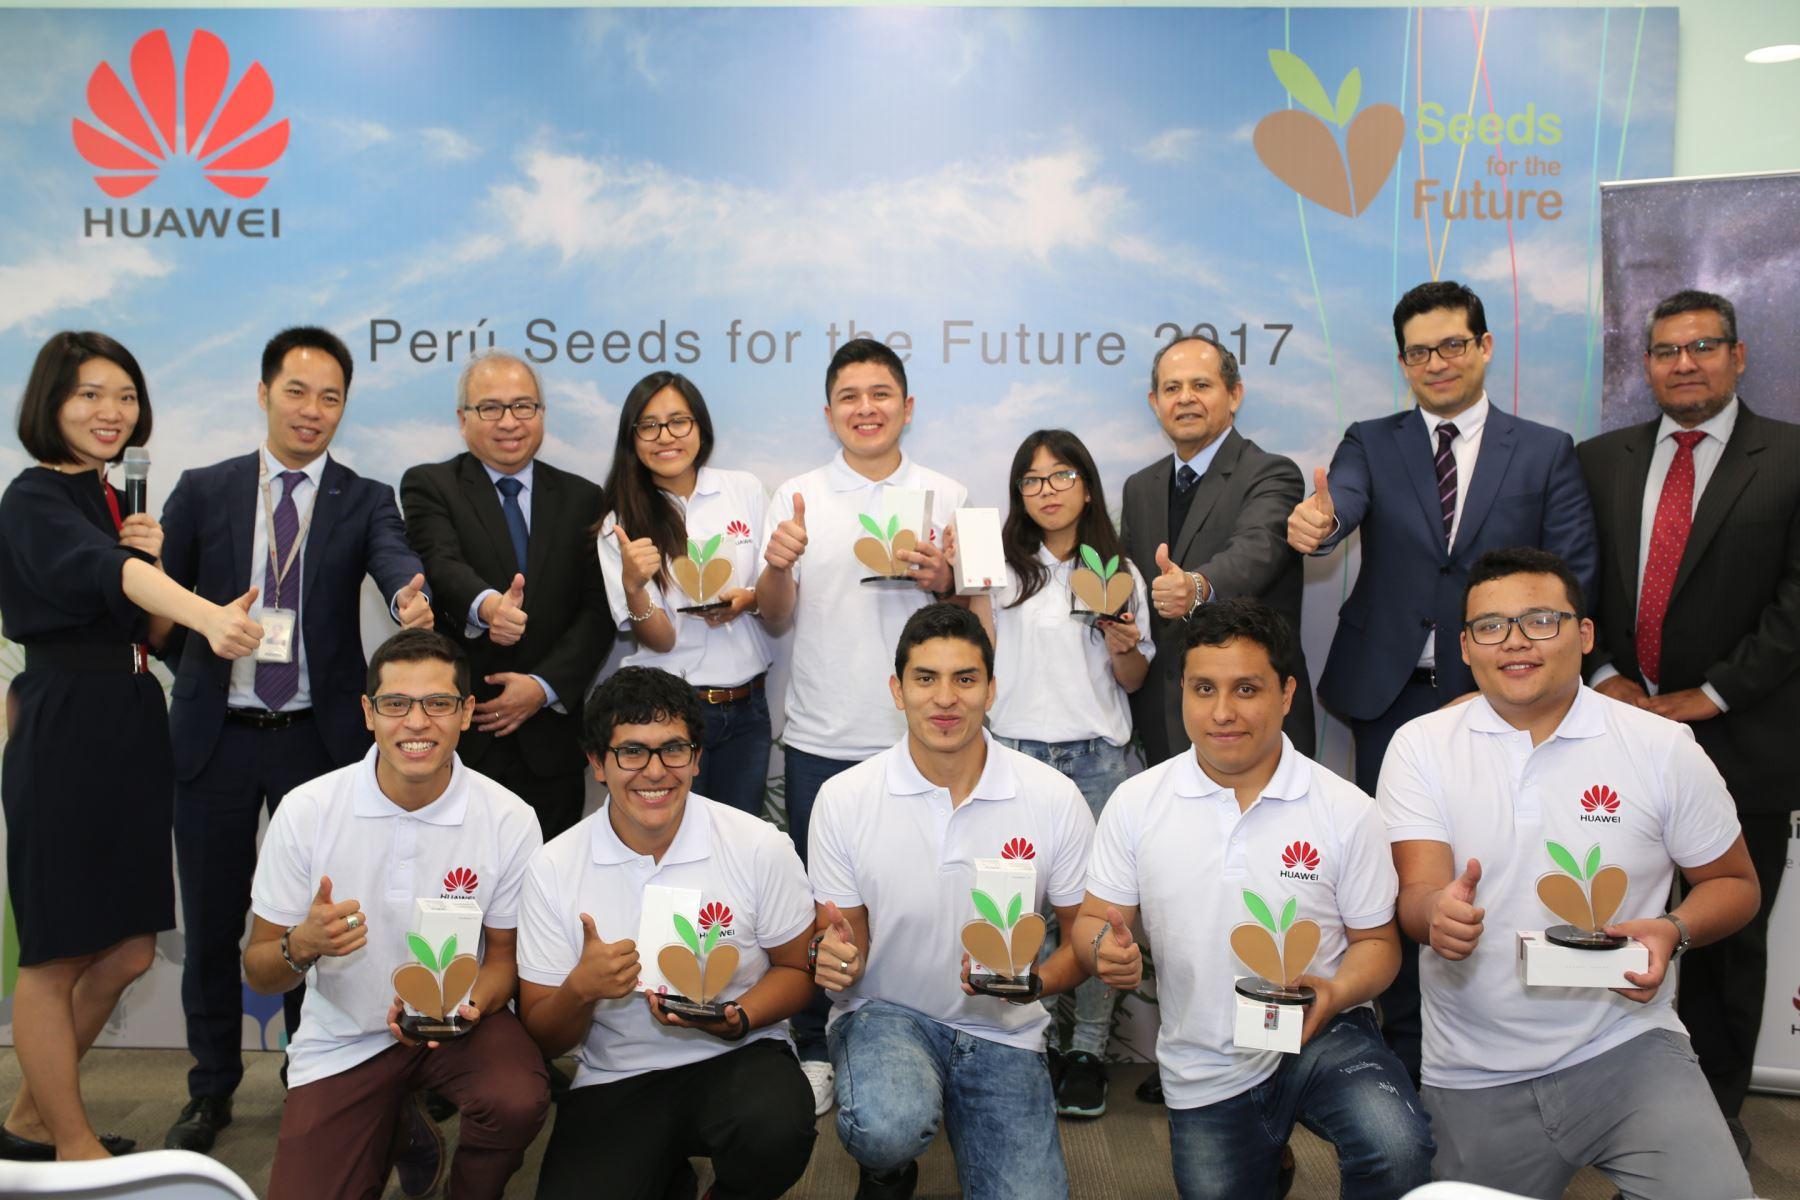 """Grupo de universitarios peruanos viajó a China seleccionados por el programa """"Seeds of the future"""" (Semillas para el futuro). Foto: Difusión"""